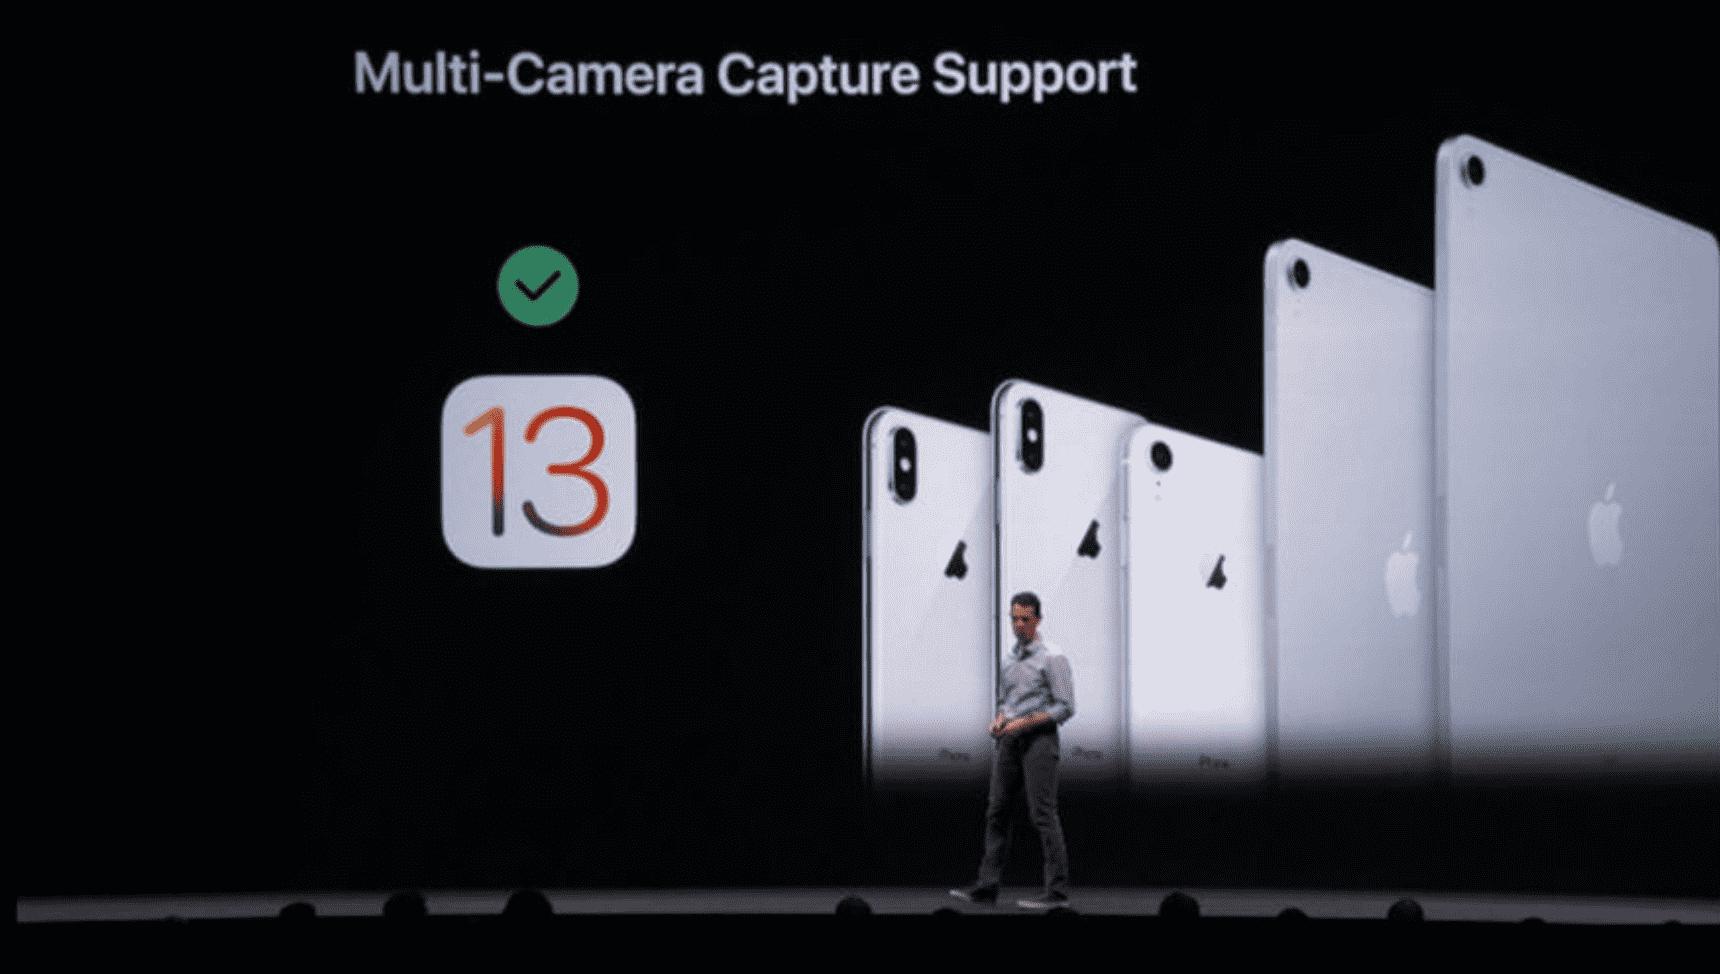 W iOS 13 będziemy mogli nagrywać wideo przy użyciu obu kamer jednocześnie polecane, ciekawostki Multi-Camera Capture Suppor, kamera, iOS 13  Kolejną nowością , która pojawi się w finalnej wersji iOS 13 będzie możliwość nagrywania wideo przy użyciu obu kamer jednocześnie. multi